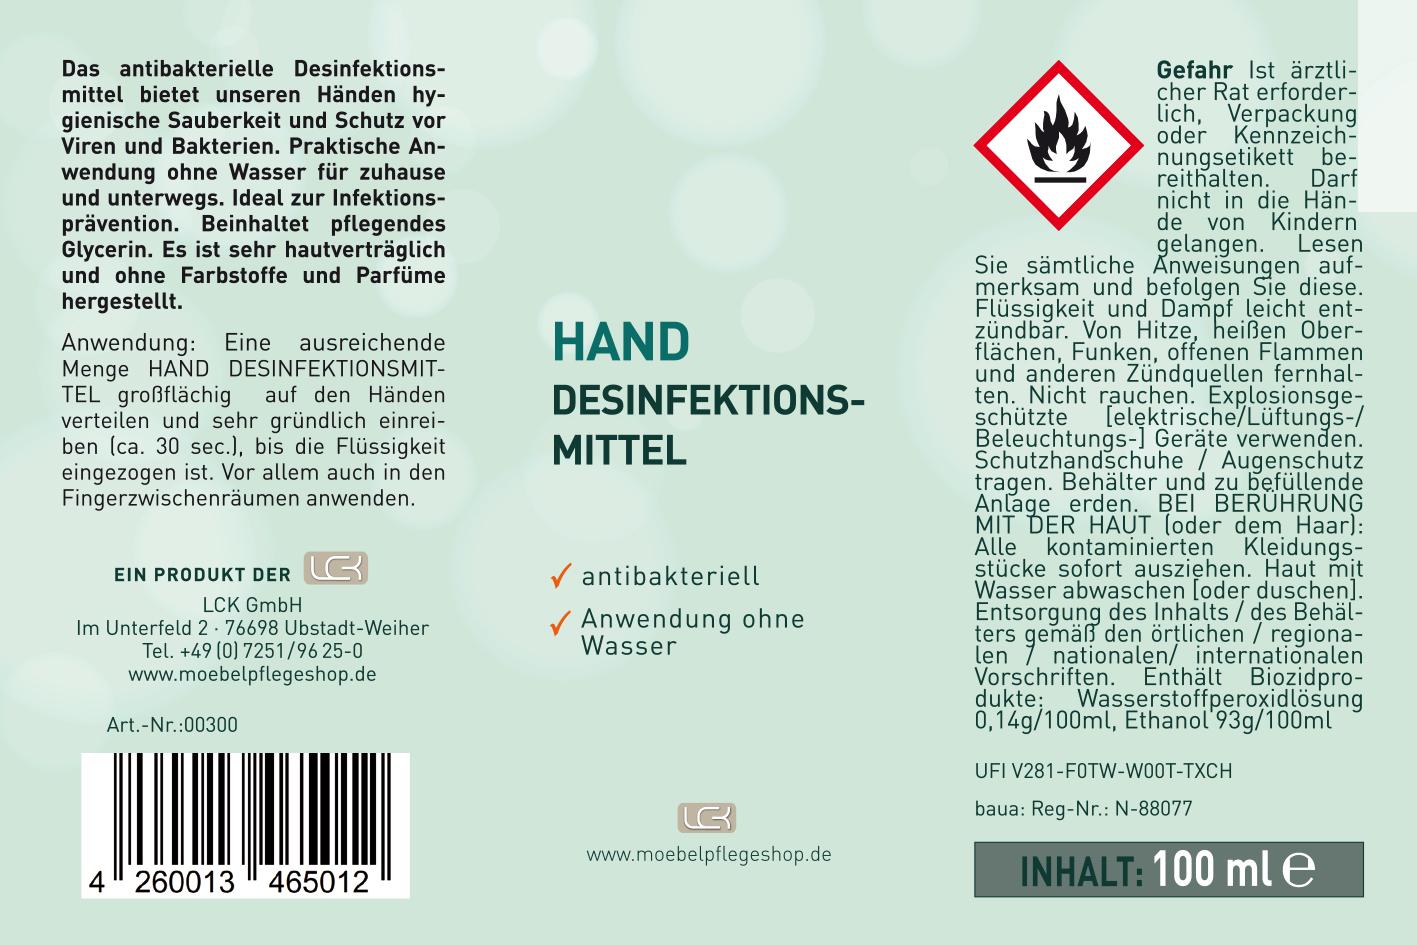 Hand Desinfektionsmittel > antibakteriell 2